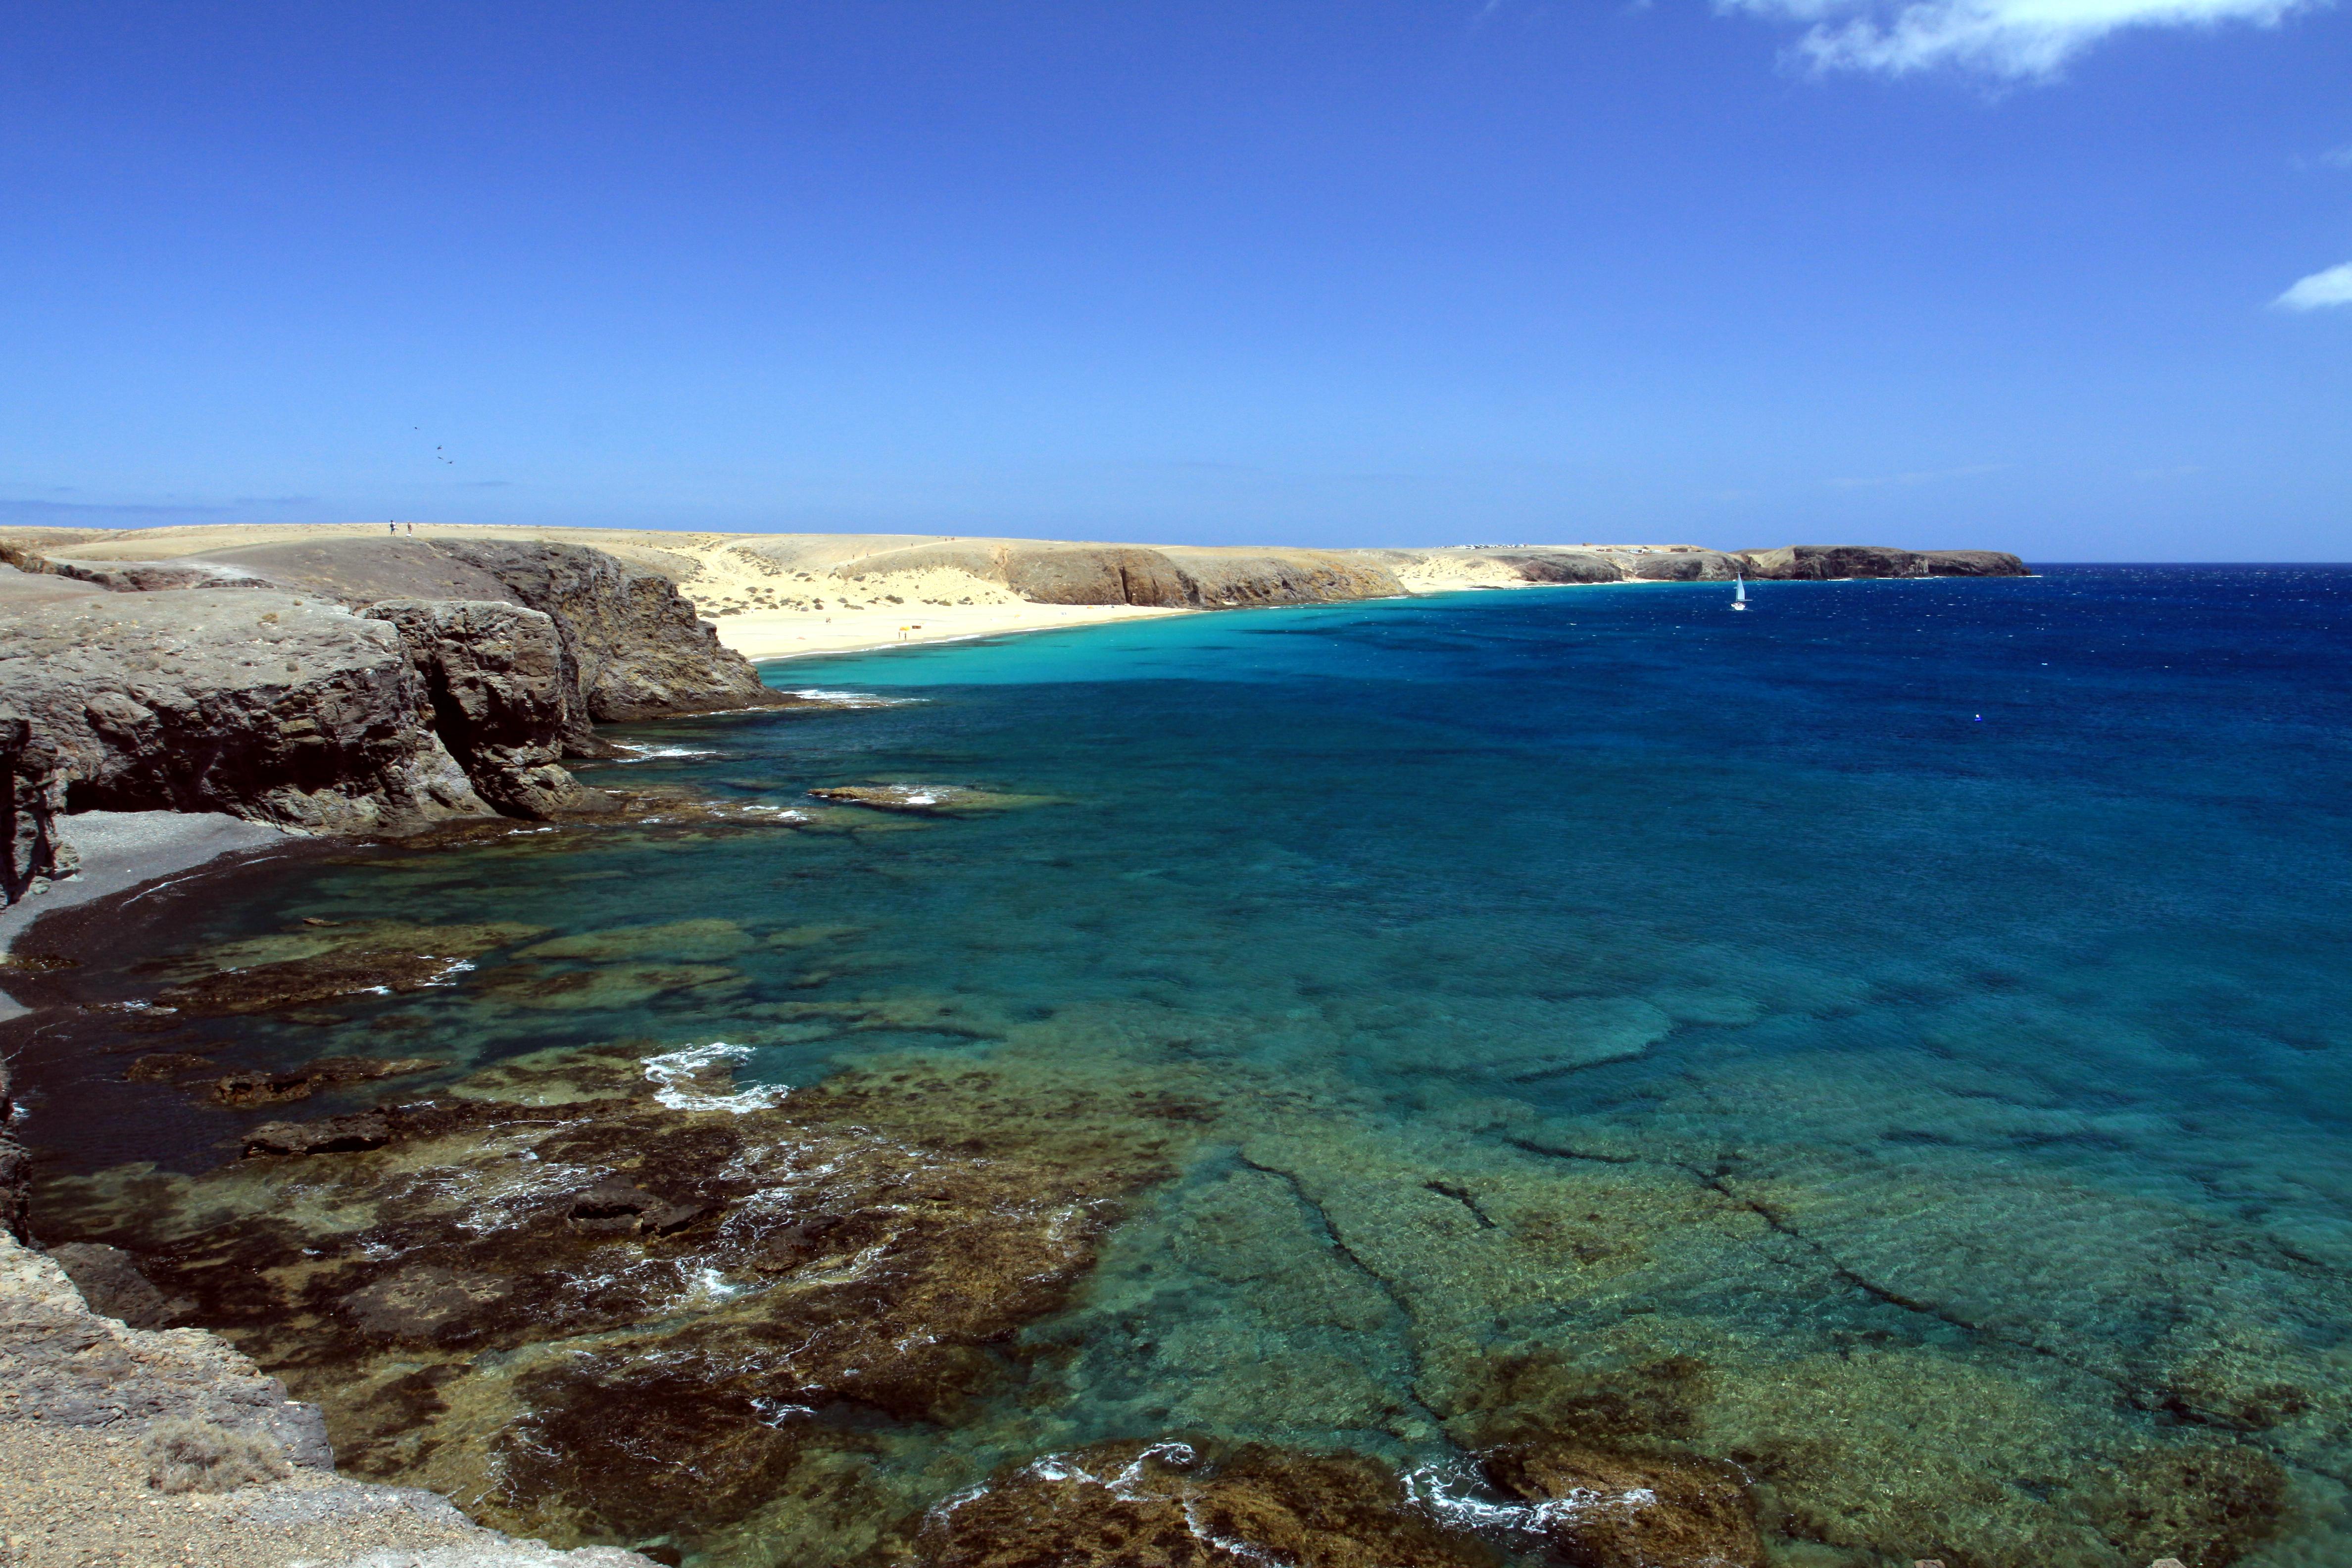 File:Playa Mujeres near Playa Blanca, Lanzarote in June 2013 (2).jpg